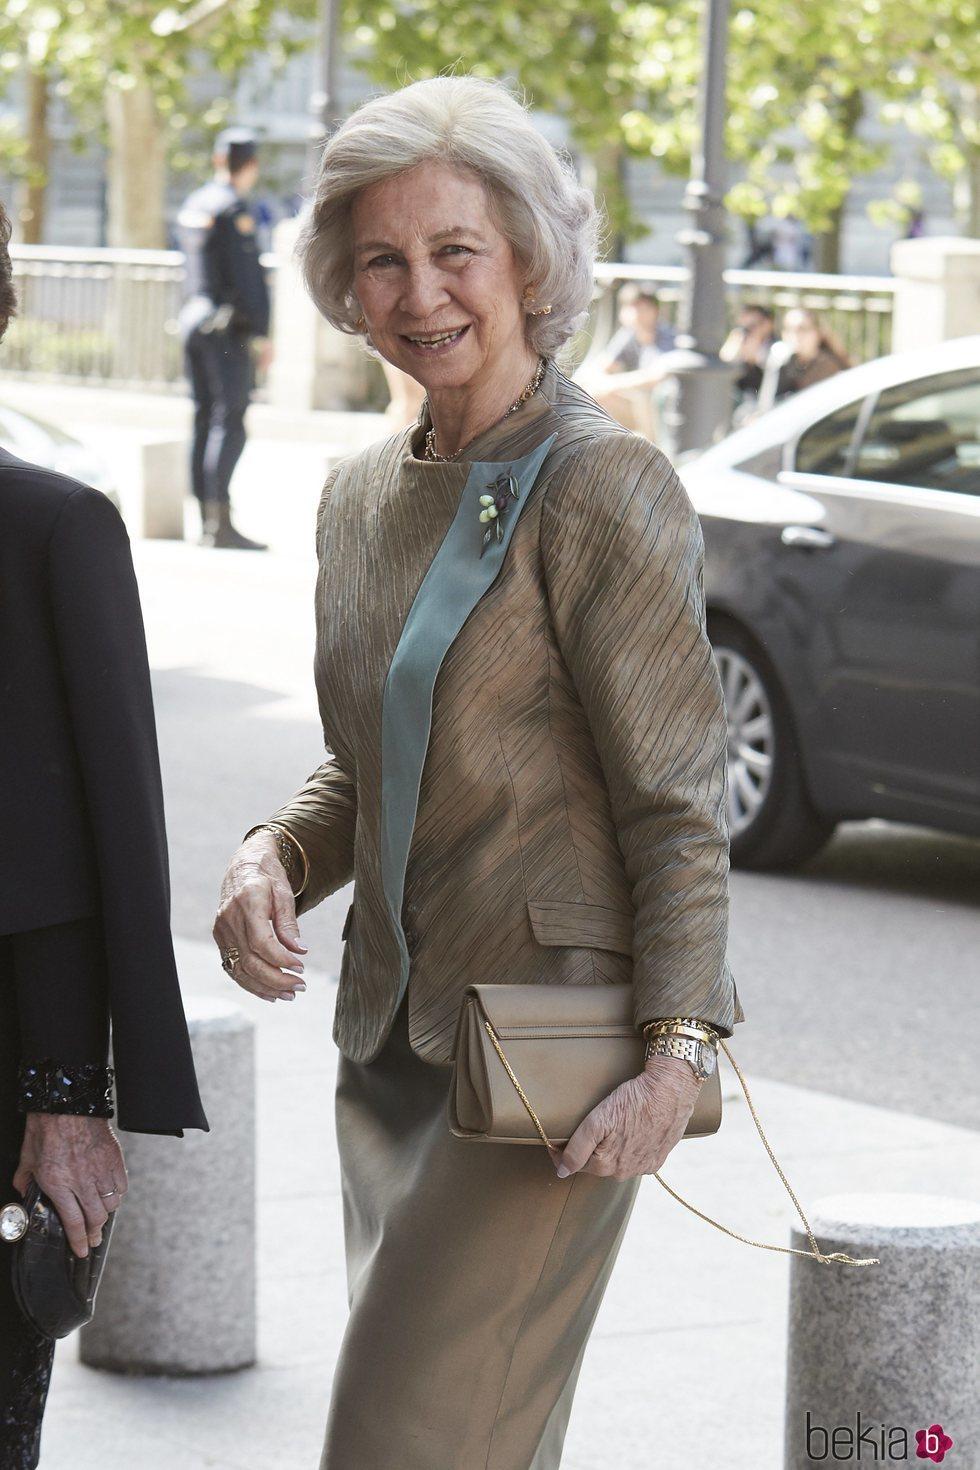 La Reina Sofía en la reunión del Círculo Internacional de la Escuela Superior de Música Reina Sofía